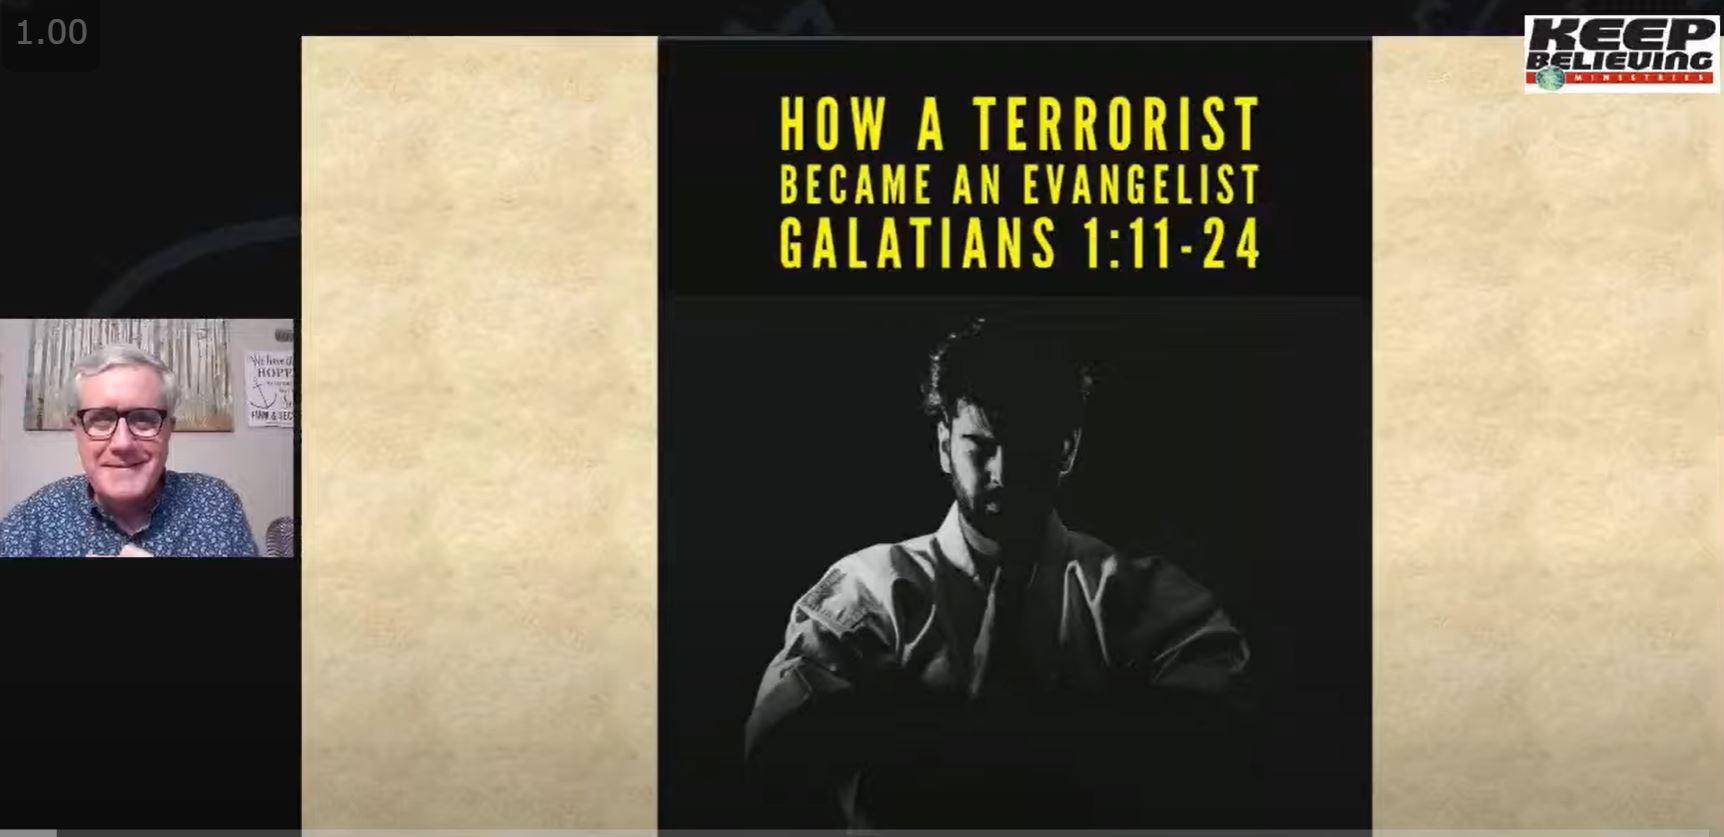 How a Terrorist Became an Evangelist (Galatians 1:11-24)